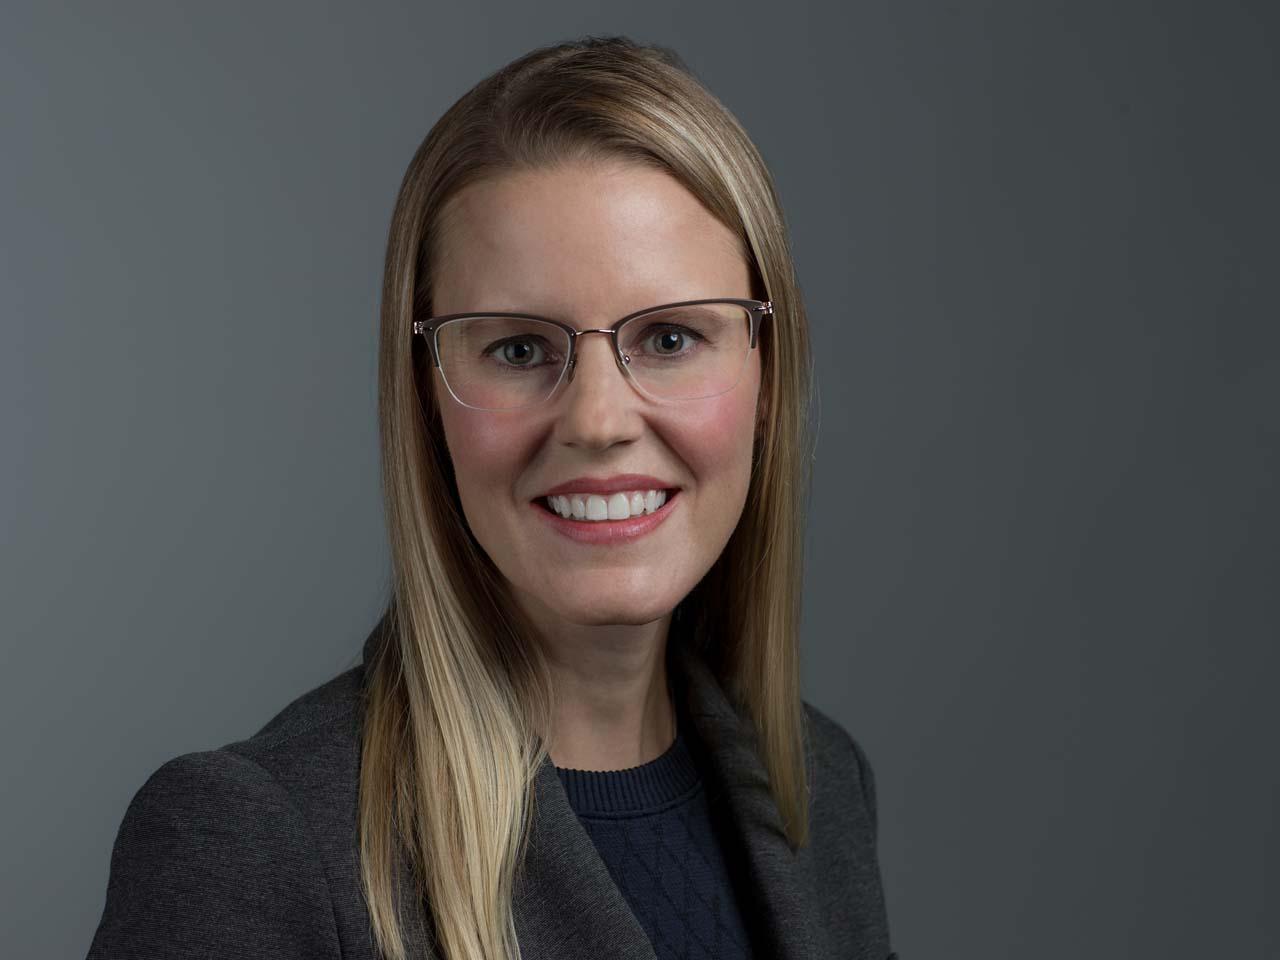 Suzanne Dmuchoski